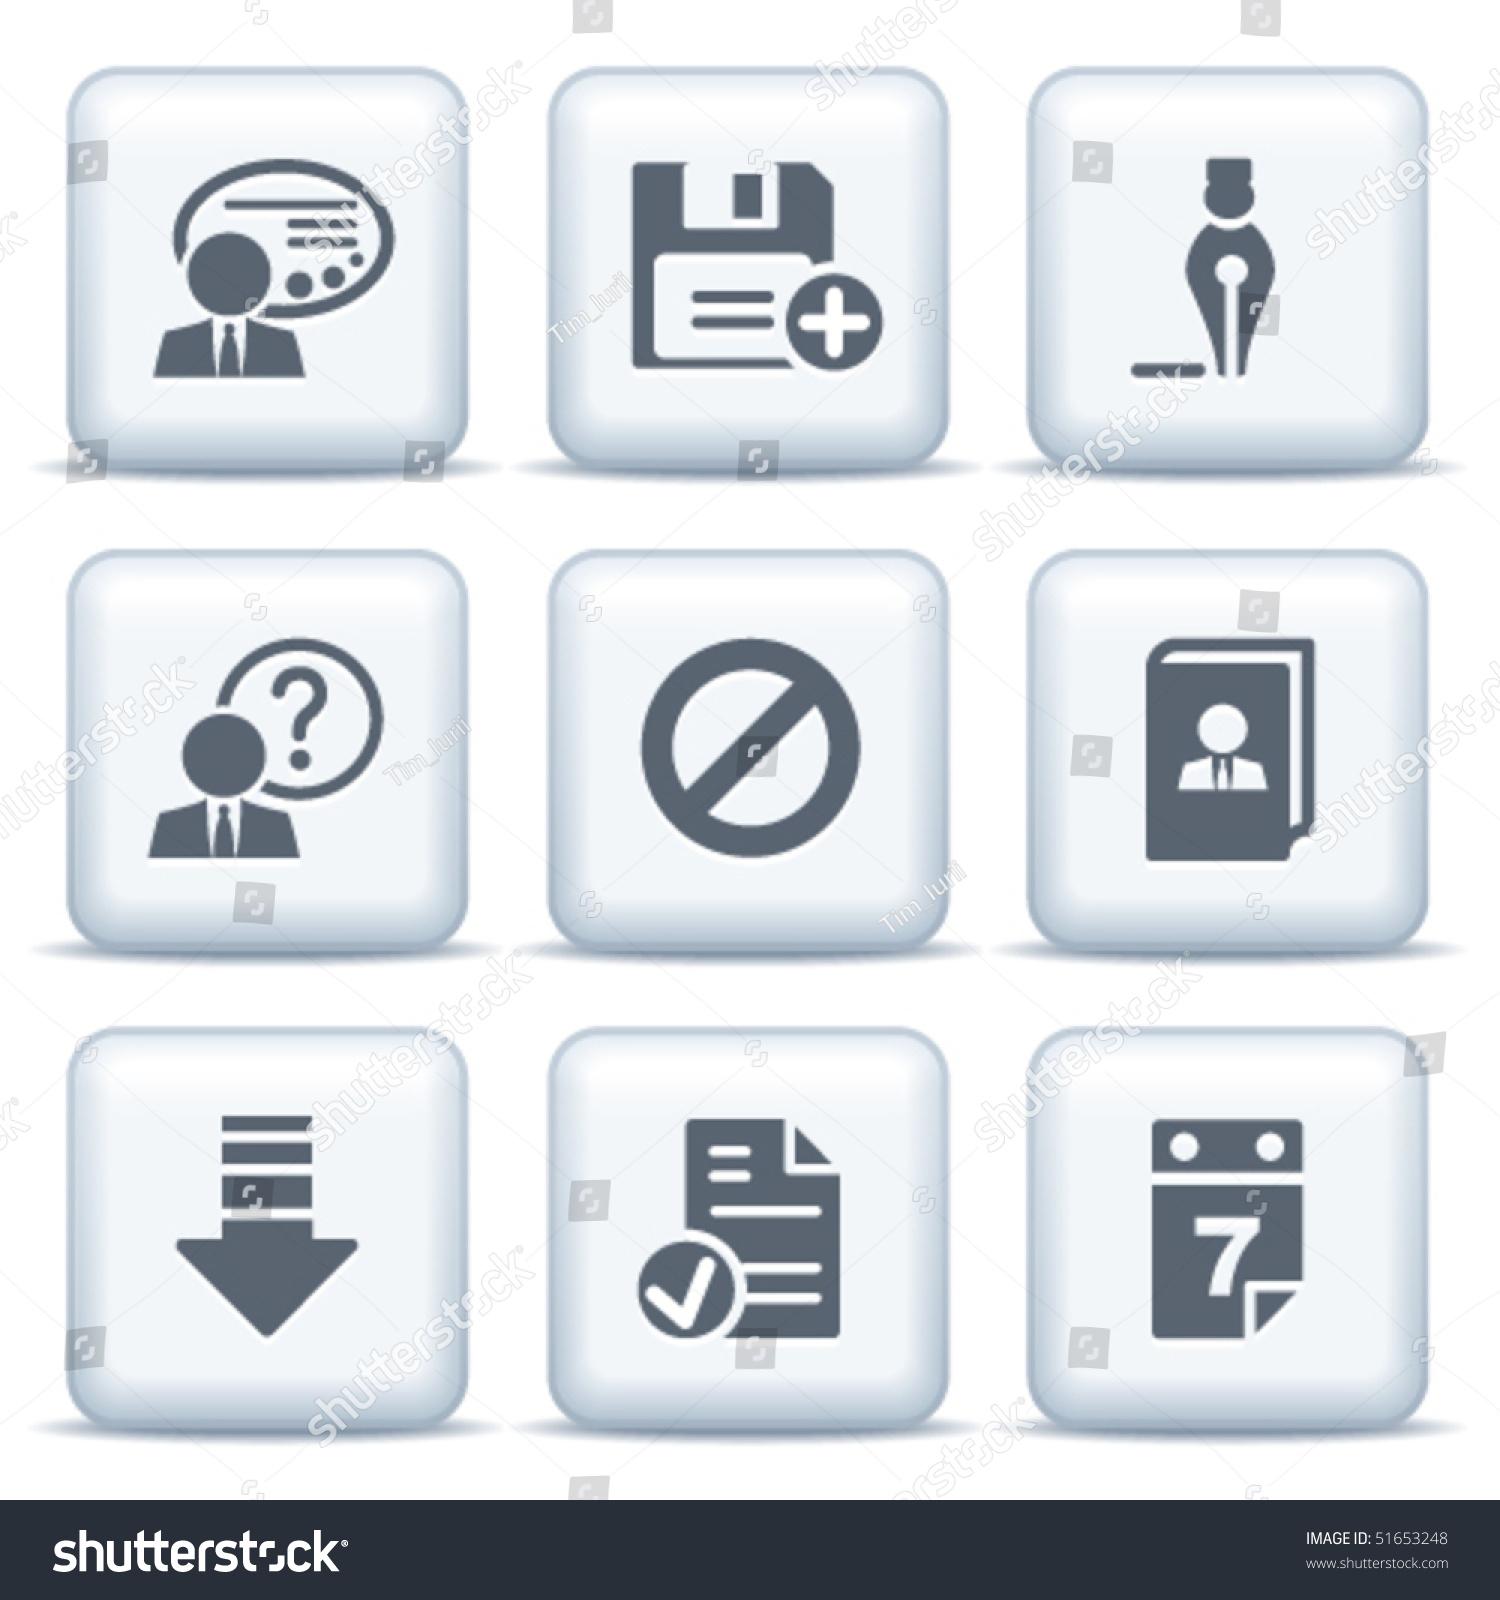 灰色按钮图标2-插图/剪贴图,符号/标志-海洛创意()-合